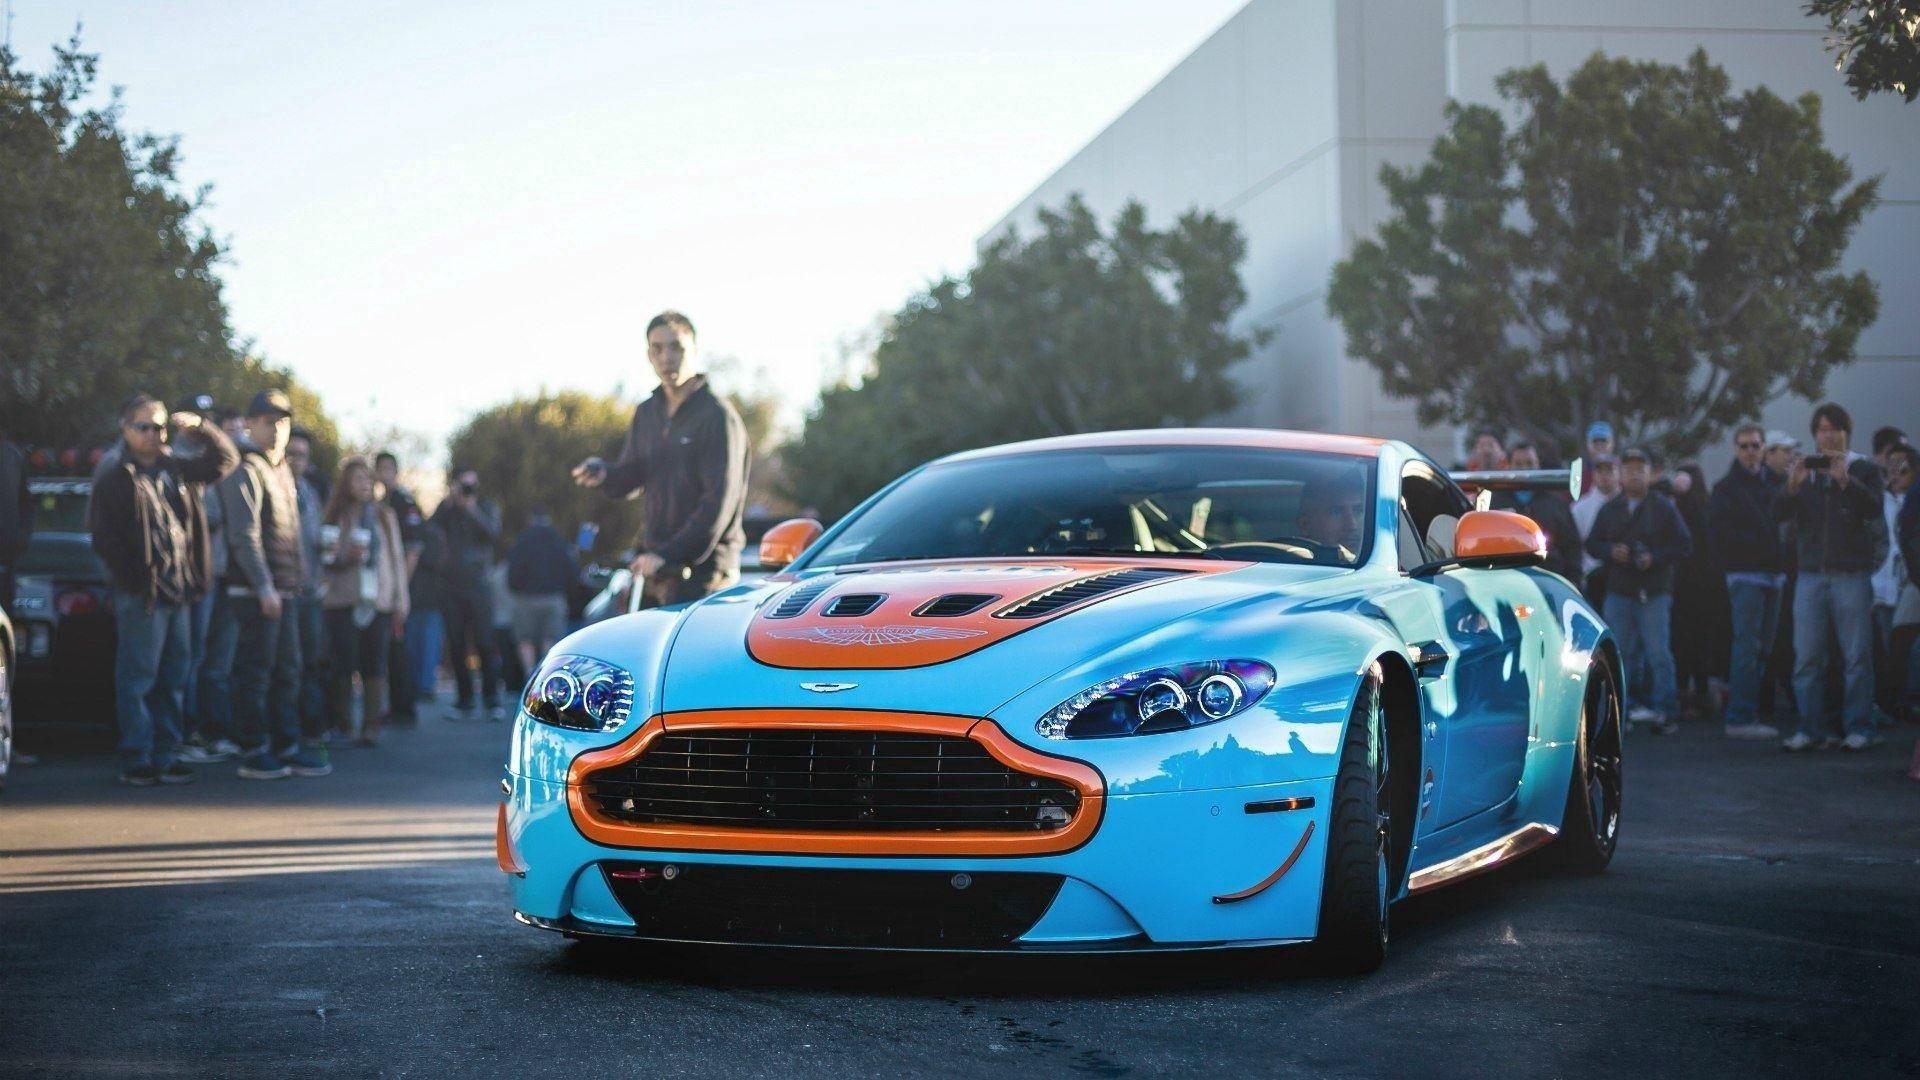 112080 скачать обои Астон Мартин (Aston Martin), Машины, Тачки (Cars), Машина, Автомобили - заставки и картинки бесплатно